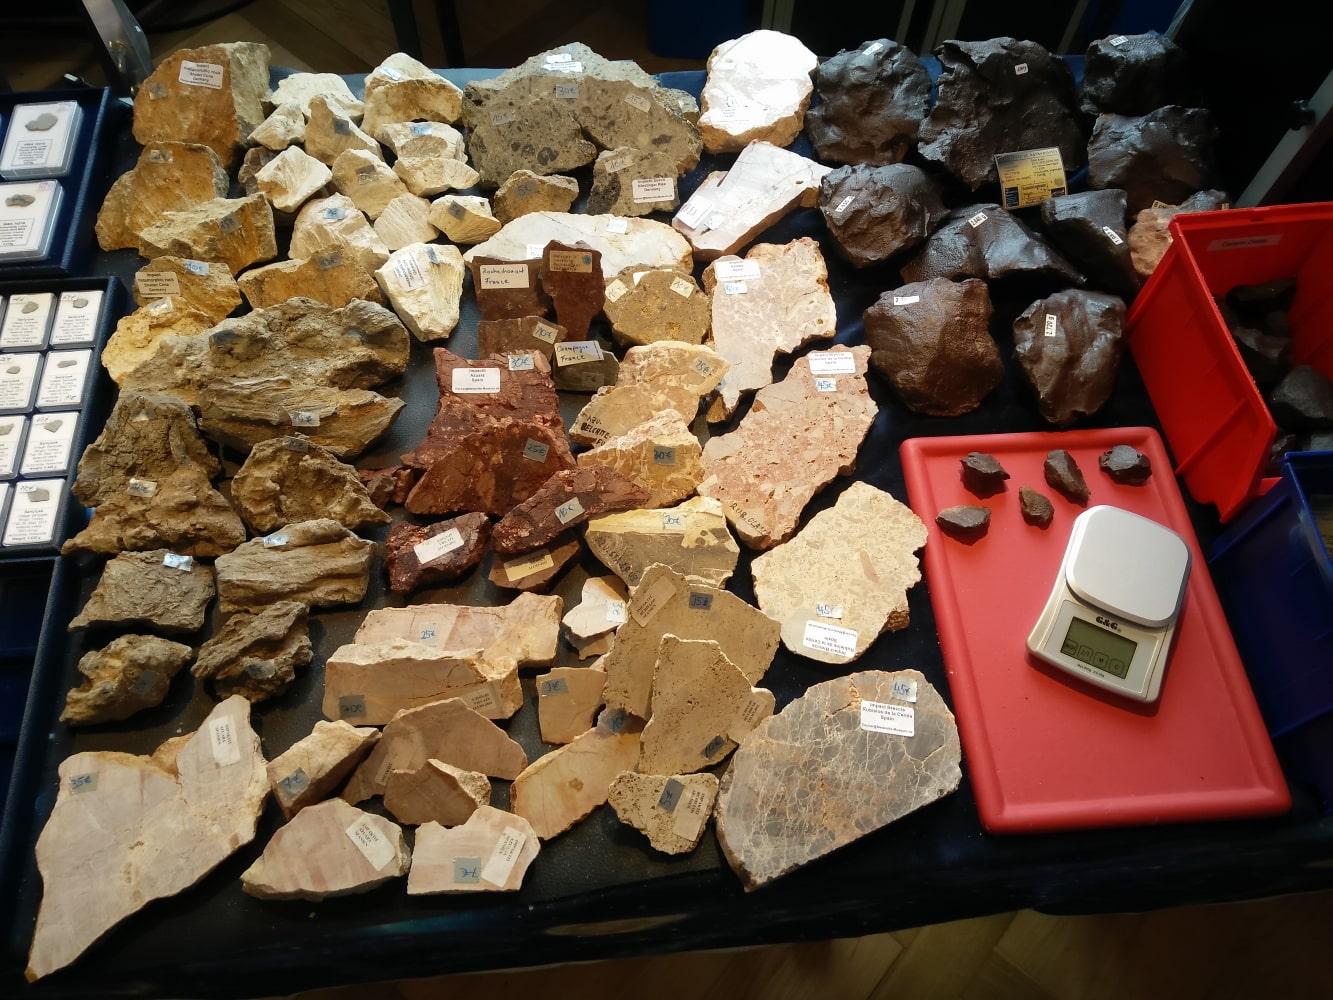 Impaktbrekzien in Scheiben aus Deutschland, Skandinavien, Spanien und Frankreich sowie der Eisenmeteorit Gebel Kamil aus Ägypten